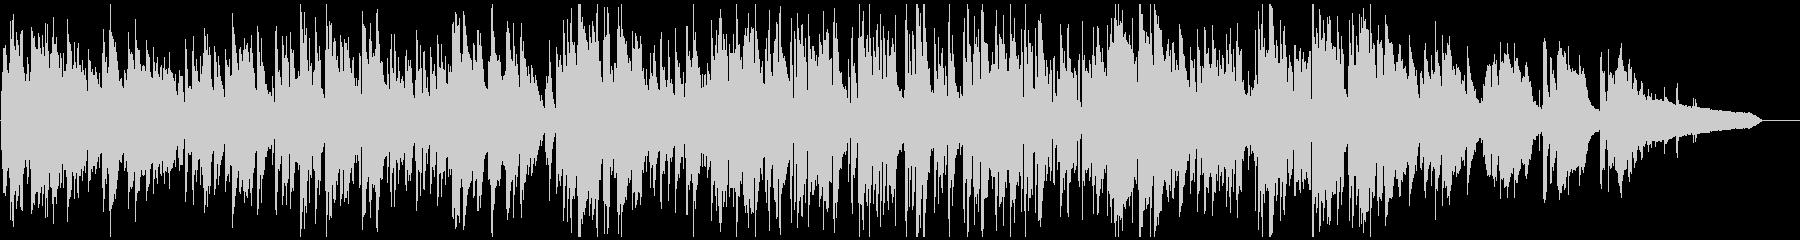 しっとり系ボサノバ、ソフトなサックスの未再生の波形